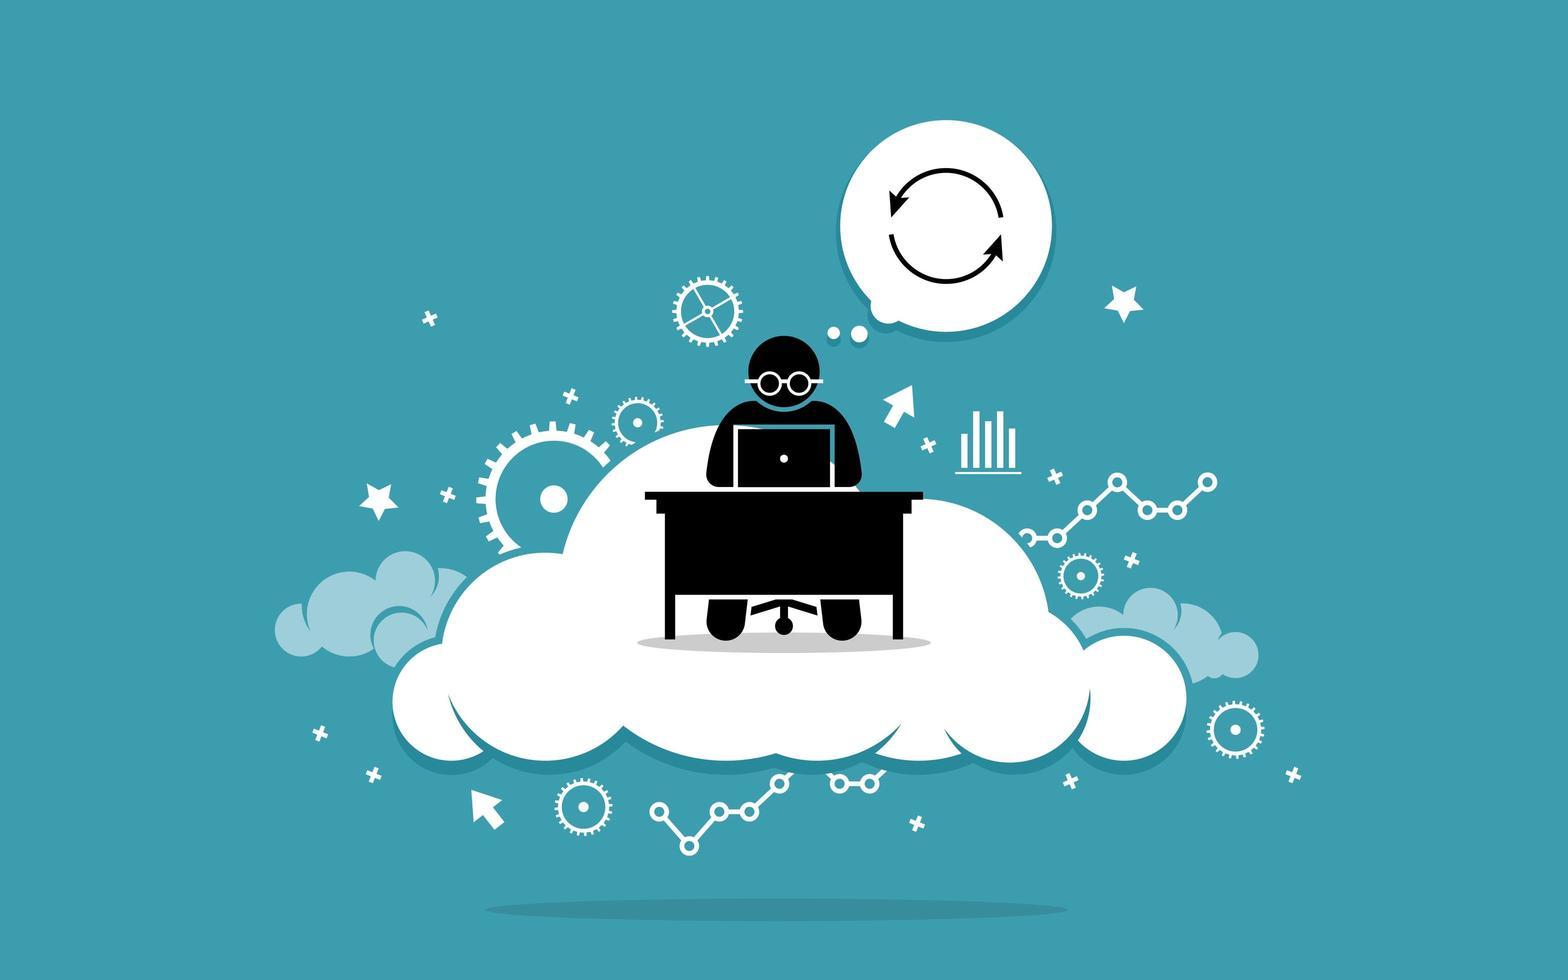 homem que trabalha com computador na nuvem. vetor